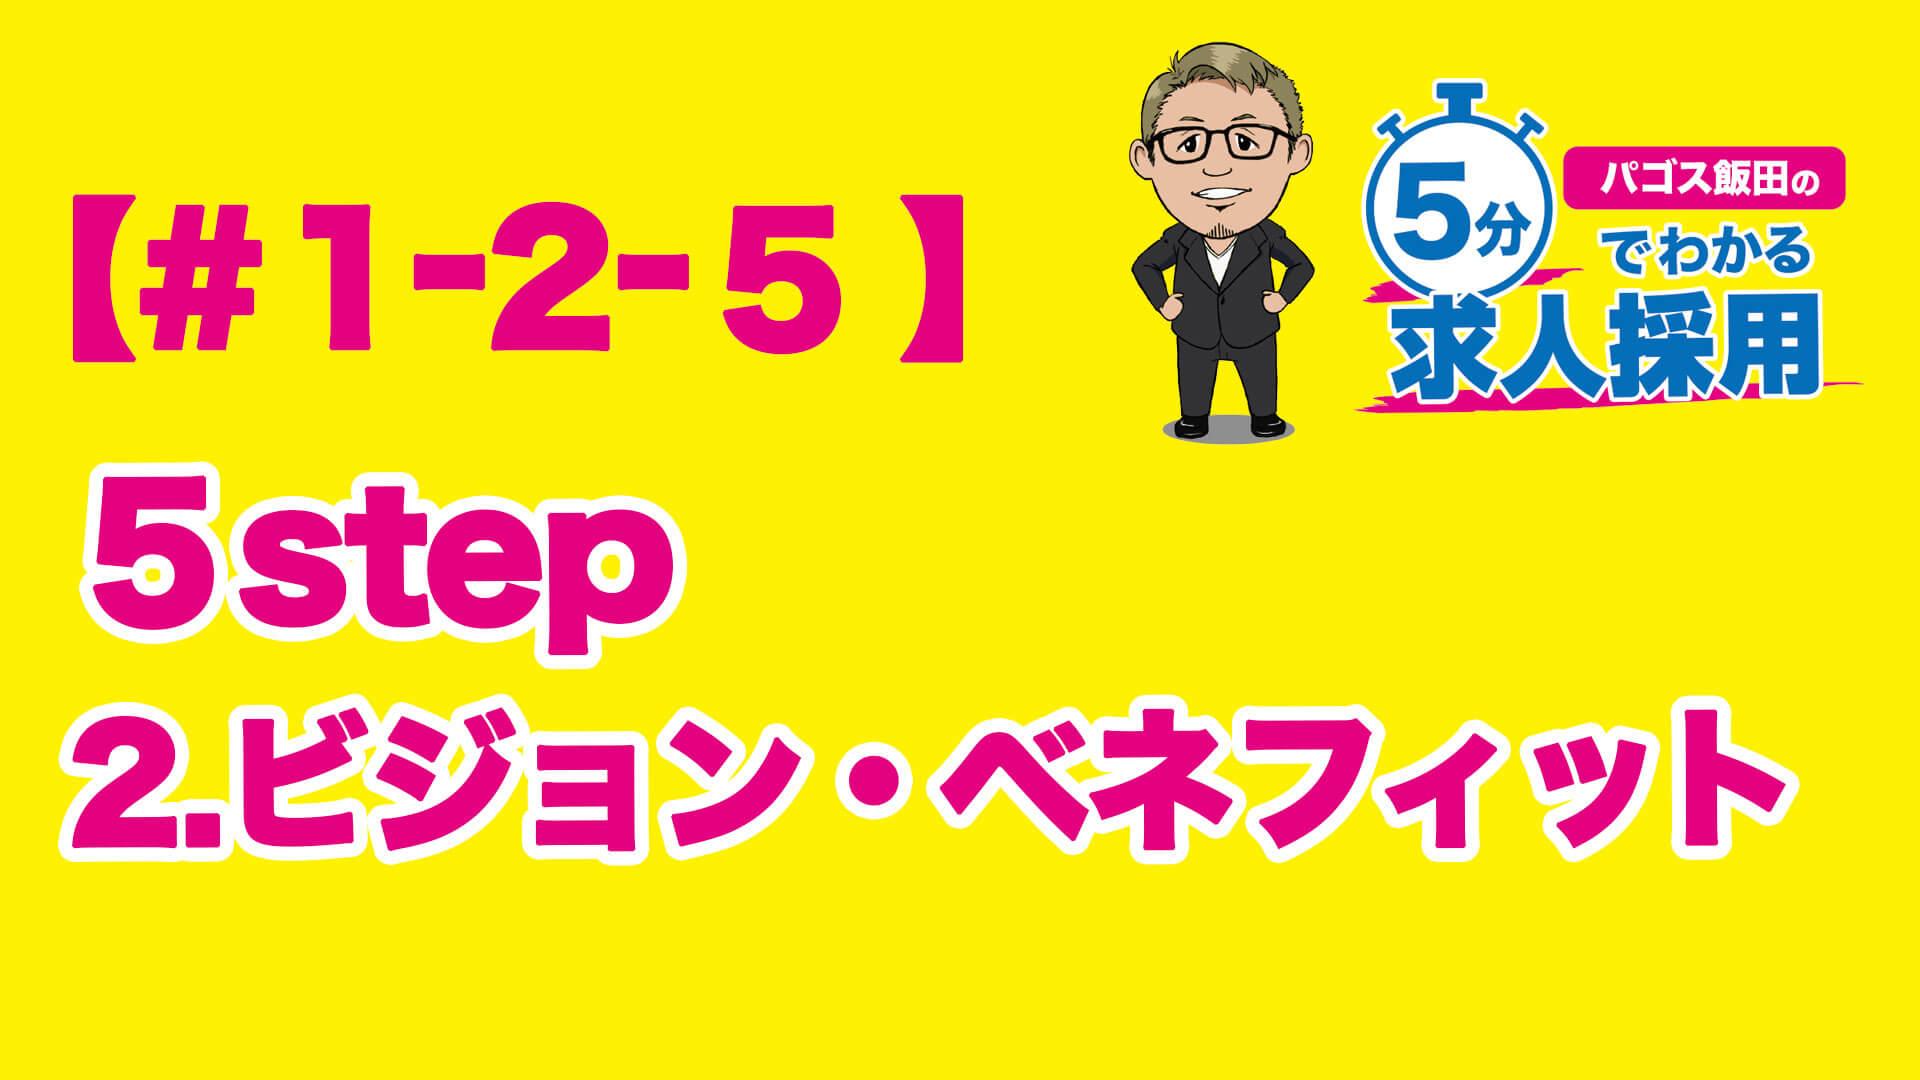 【#1-2-5】5step 2.ビジョン、ベネフィット